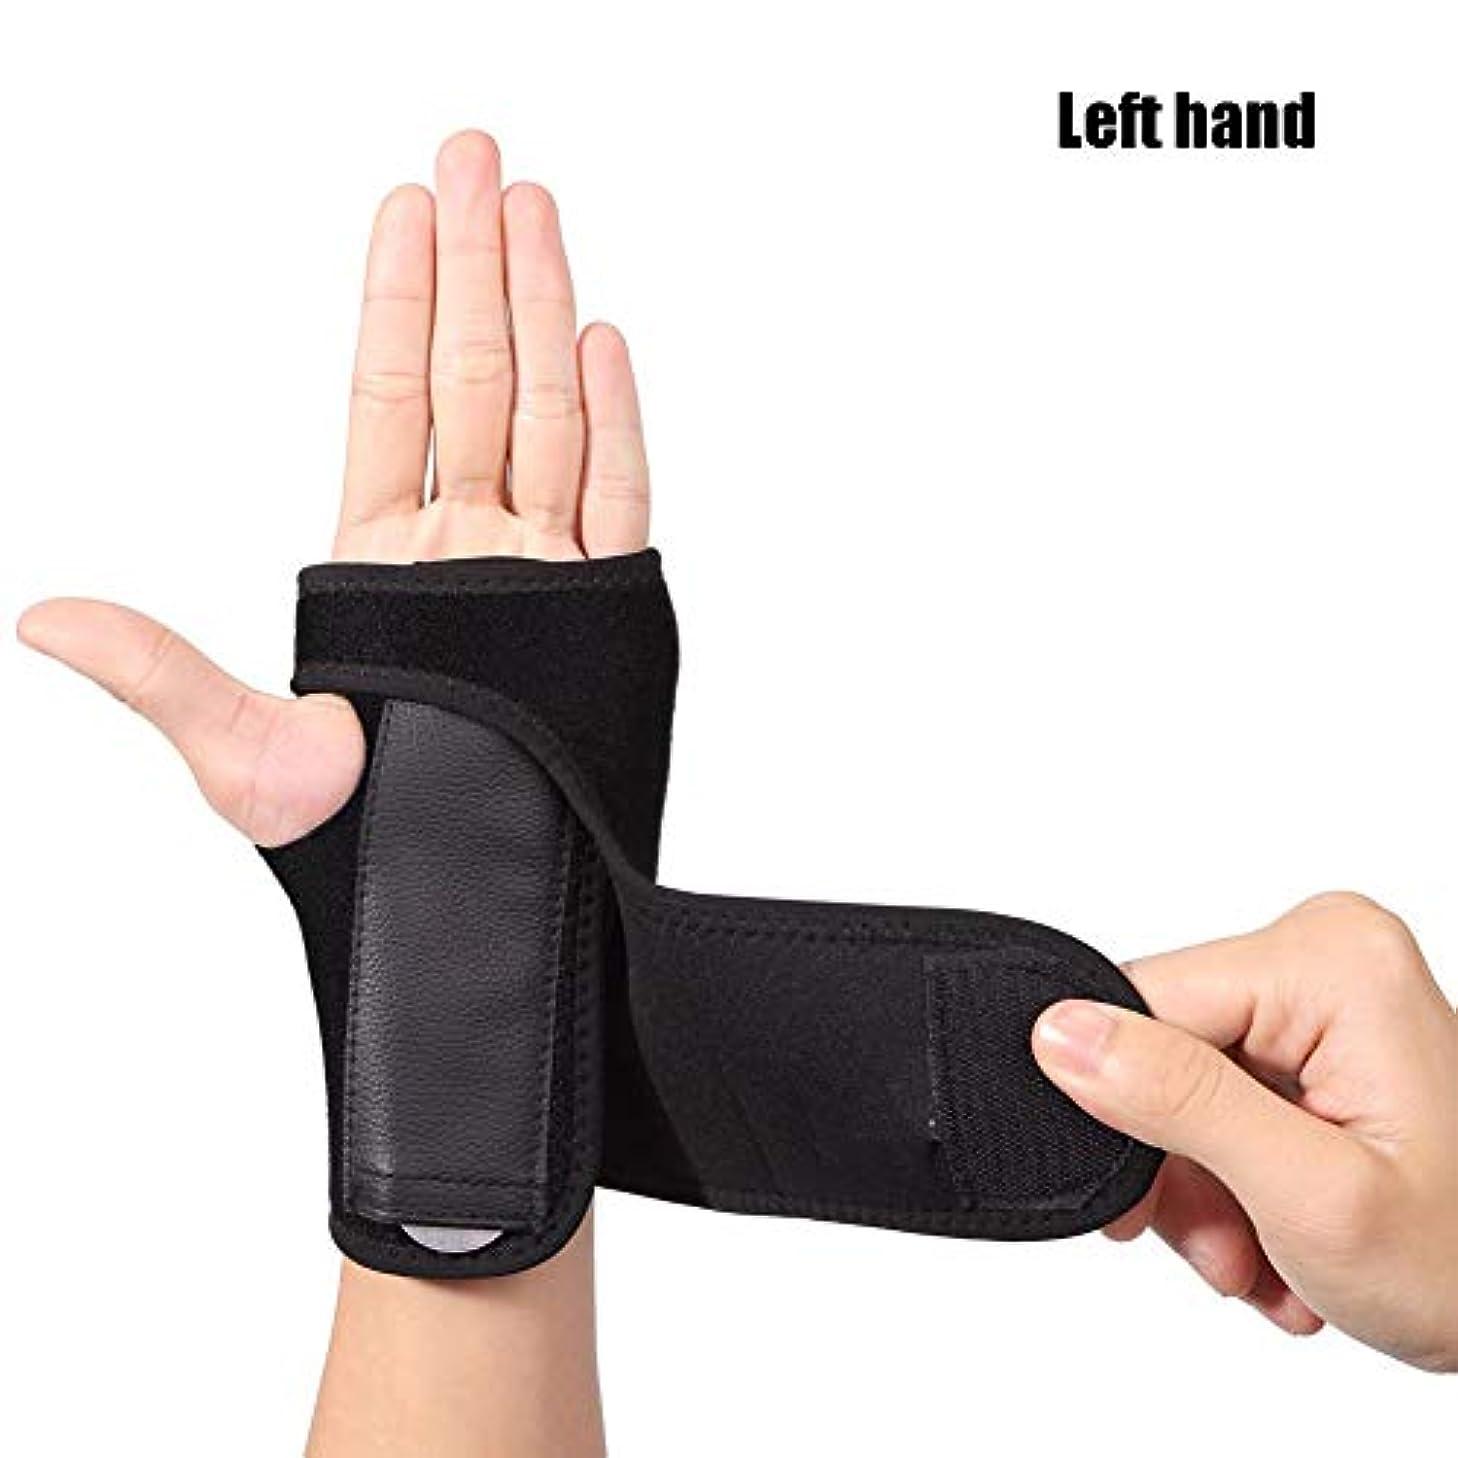 北極圏アライメント実行手根管腱炎骨折関節炎の捻forのための手首のサポートスプリント,Left